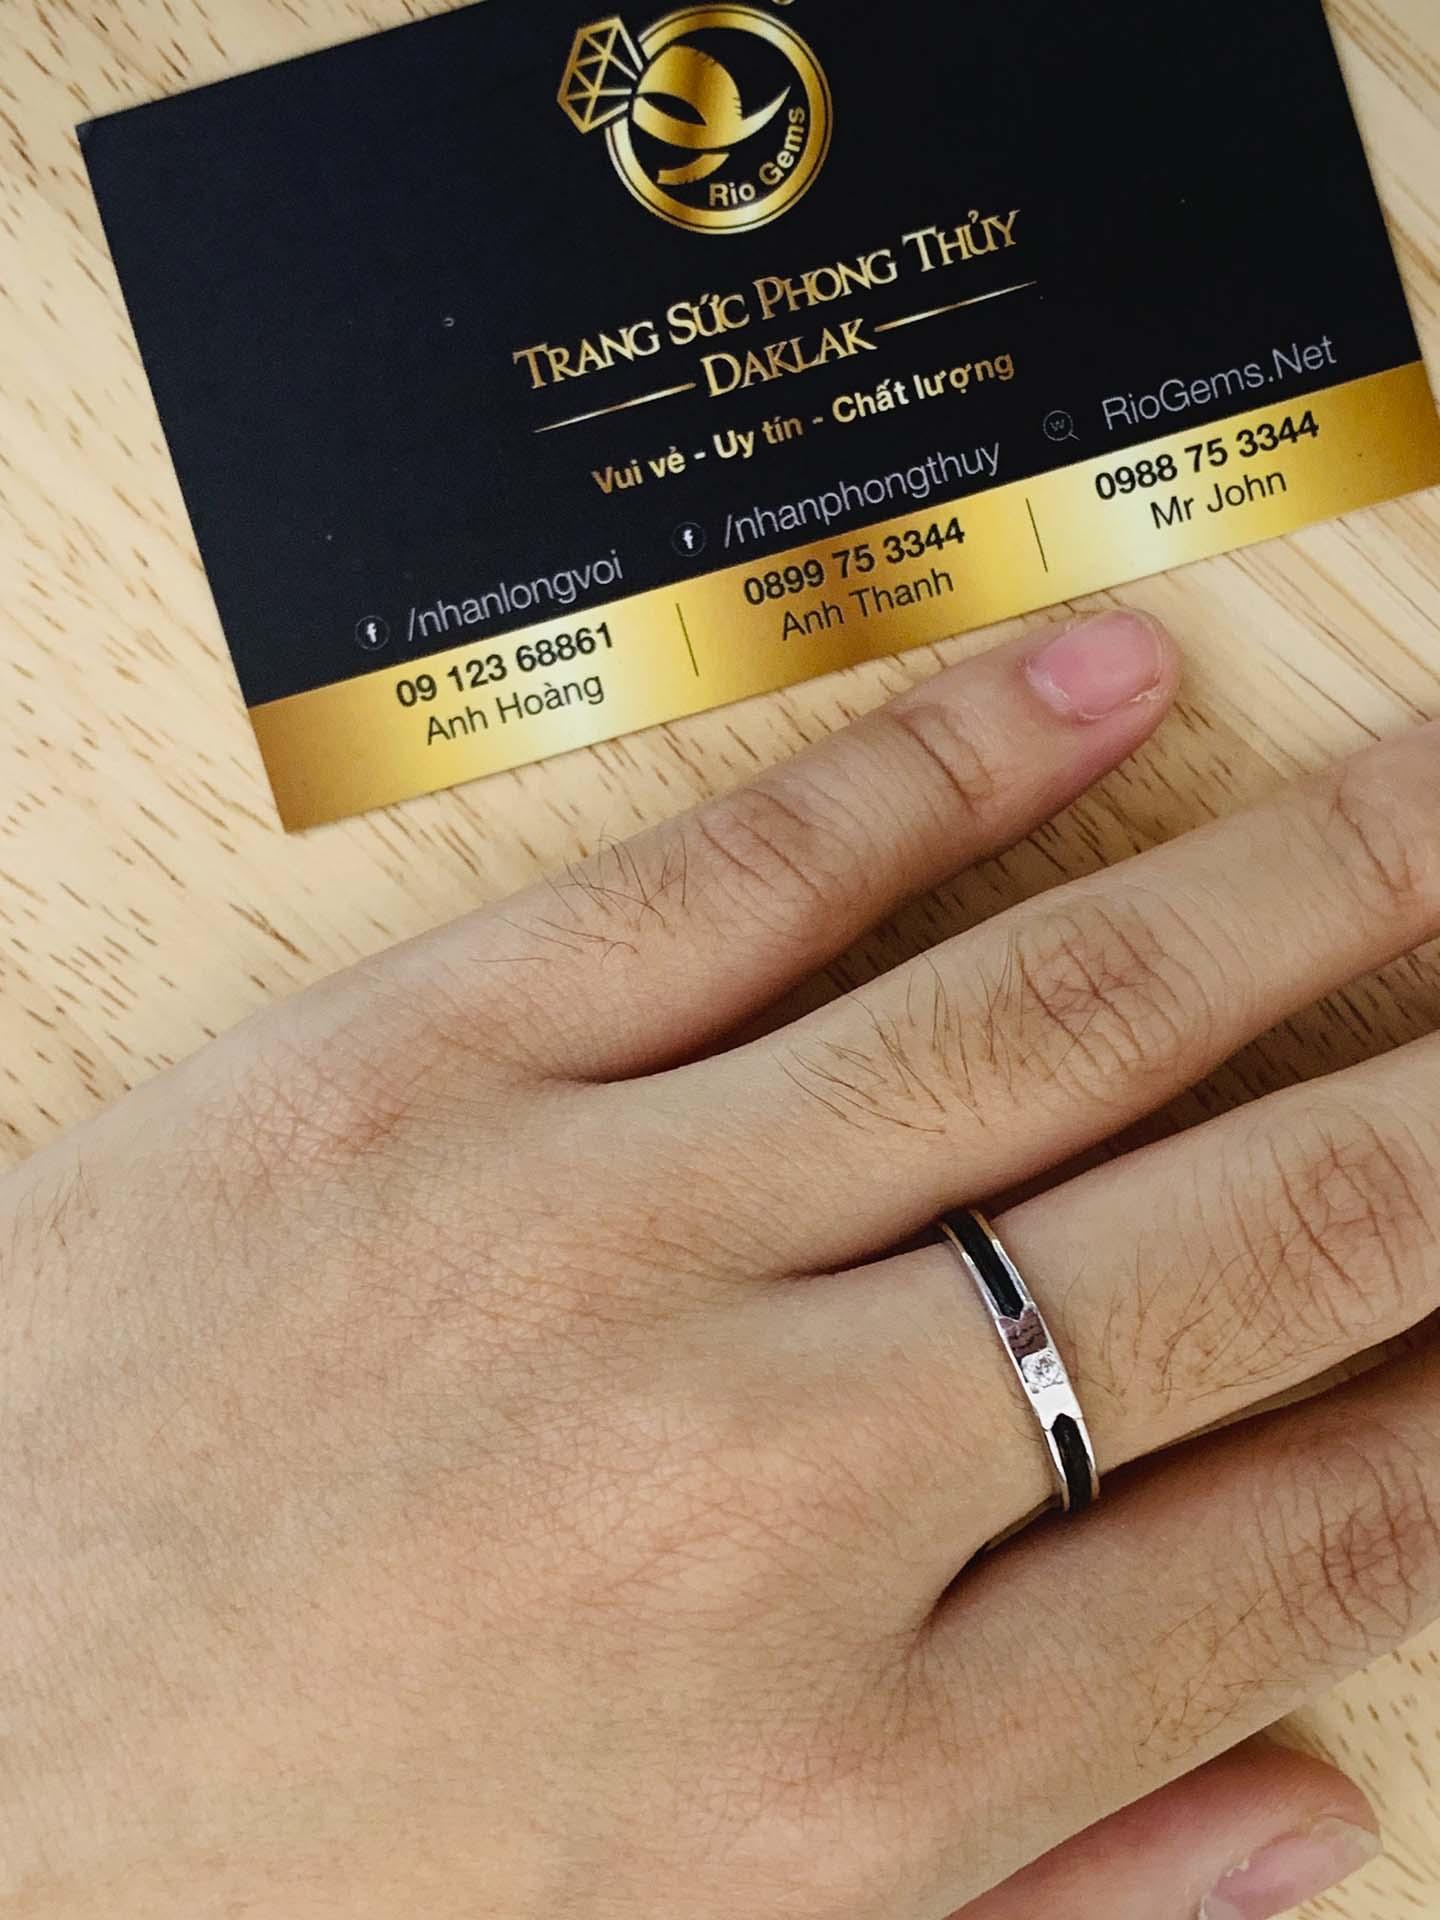 Viên đá Cz 1.25li lấp lánh được đính trên mặt nhẫn